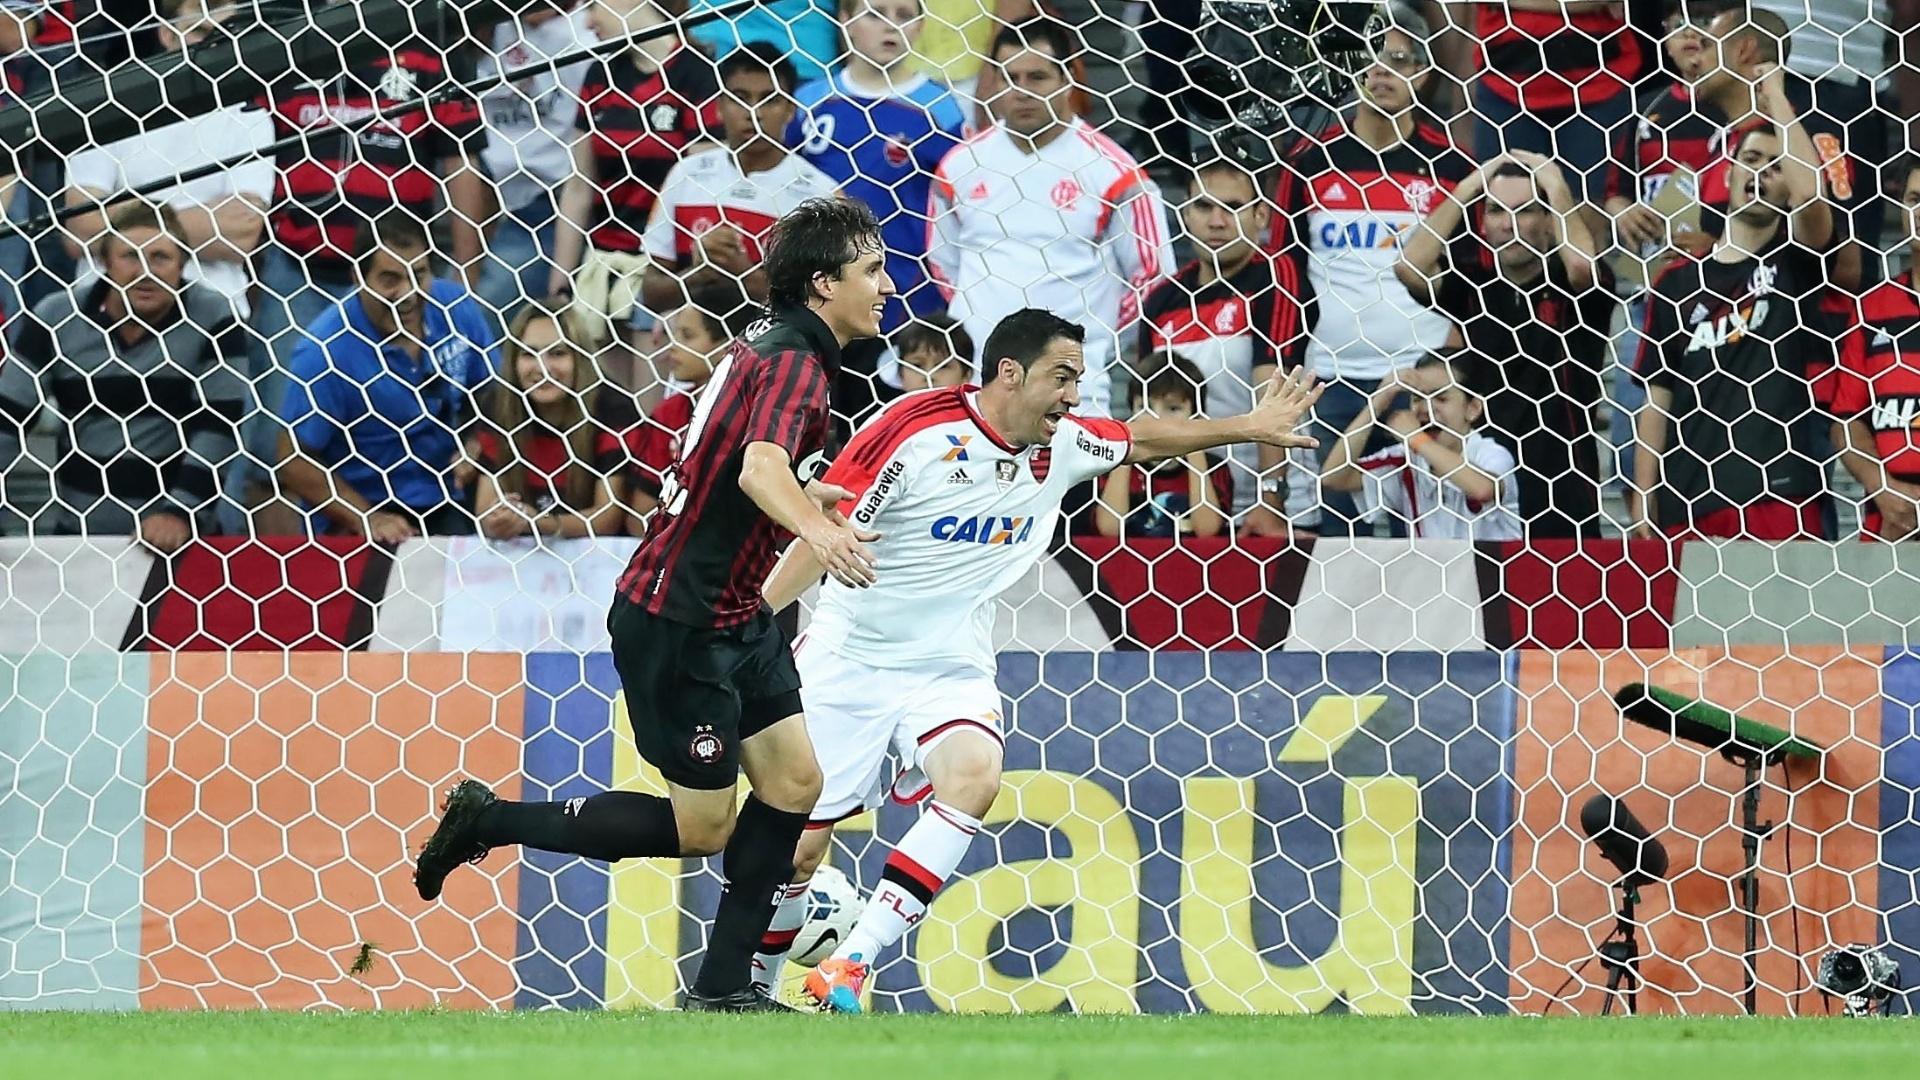 Cléo comemora gol para o Atlético-PR diante do Flamengo